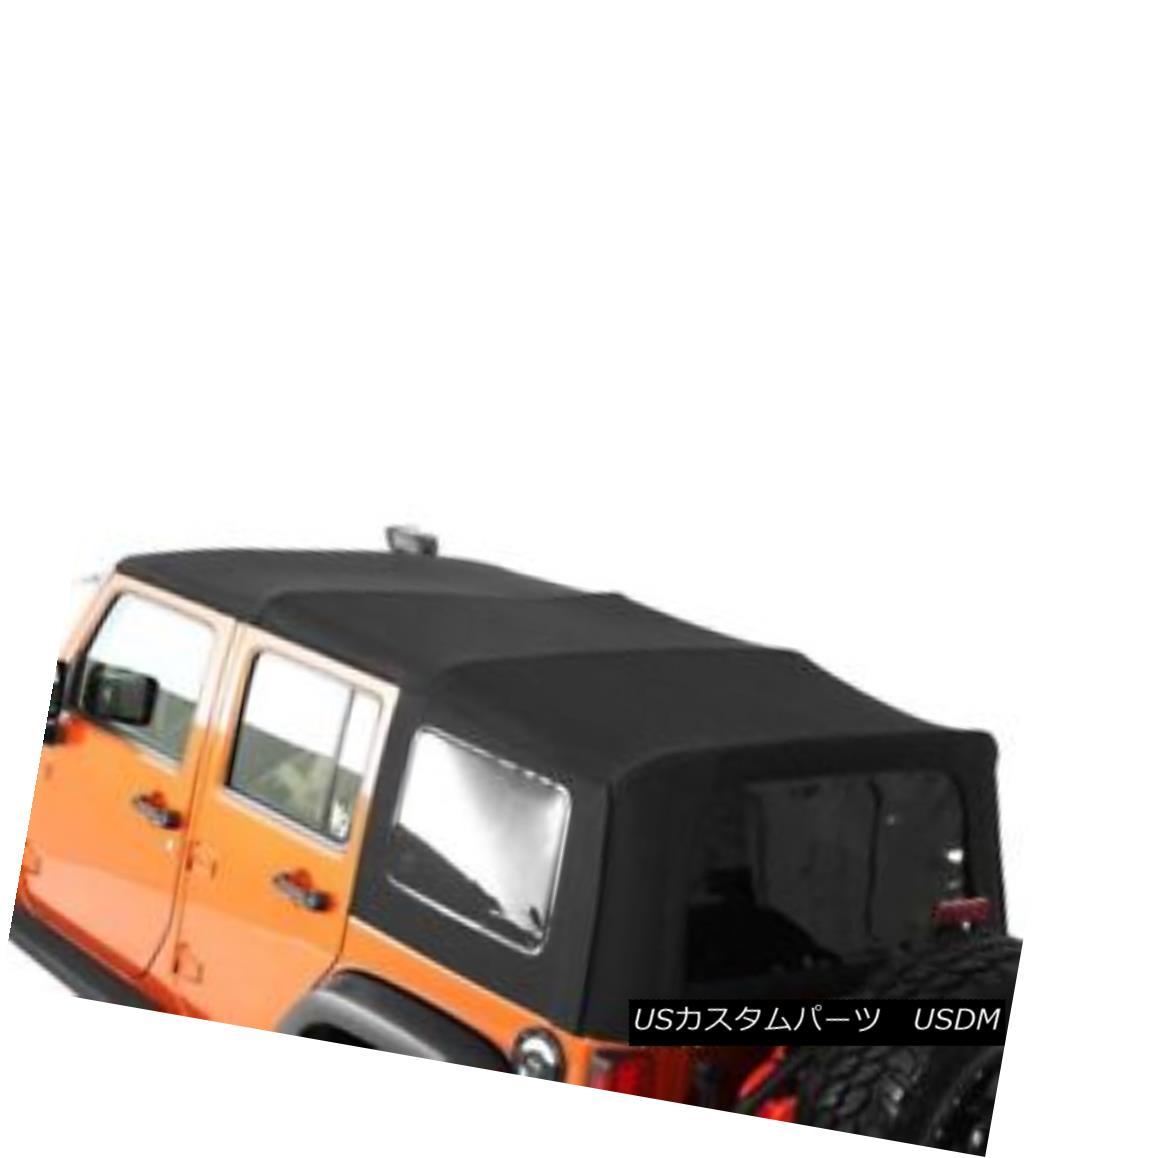 幌・ソフトトップ Smittybilt 9086235 - Premium OEM Replacement Canvas Soft Top with Tinted Windows Smittybilt 9086235 - プレミアムOEM交換キャンバスソフトトップ - 着色Windows